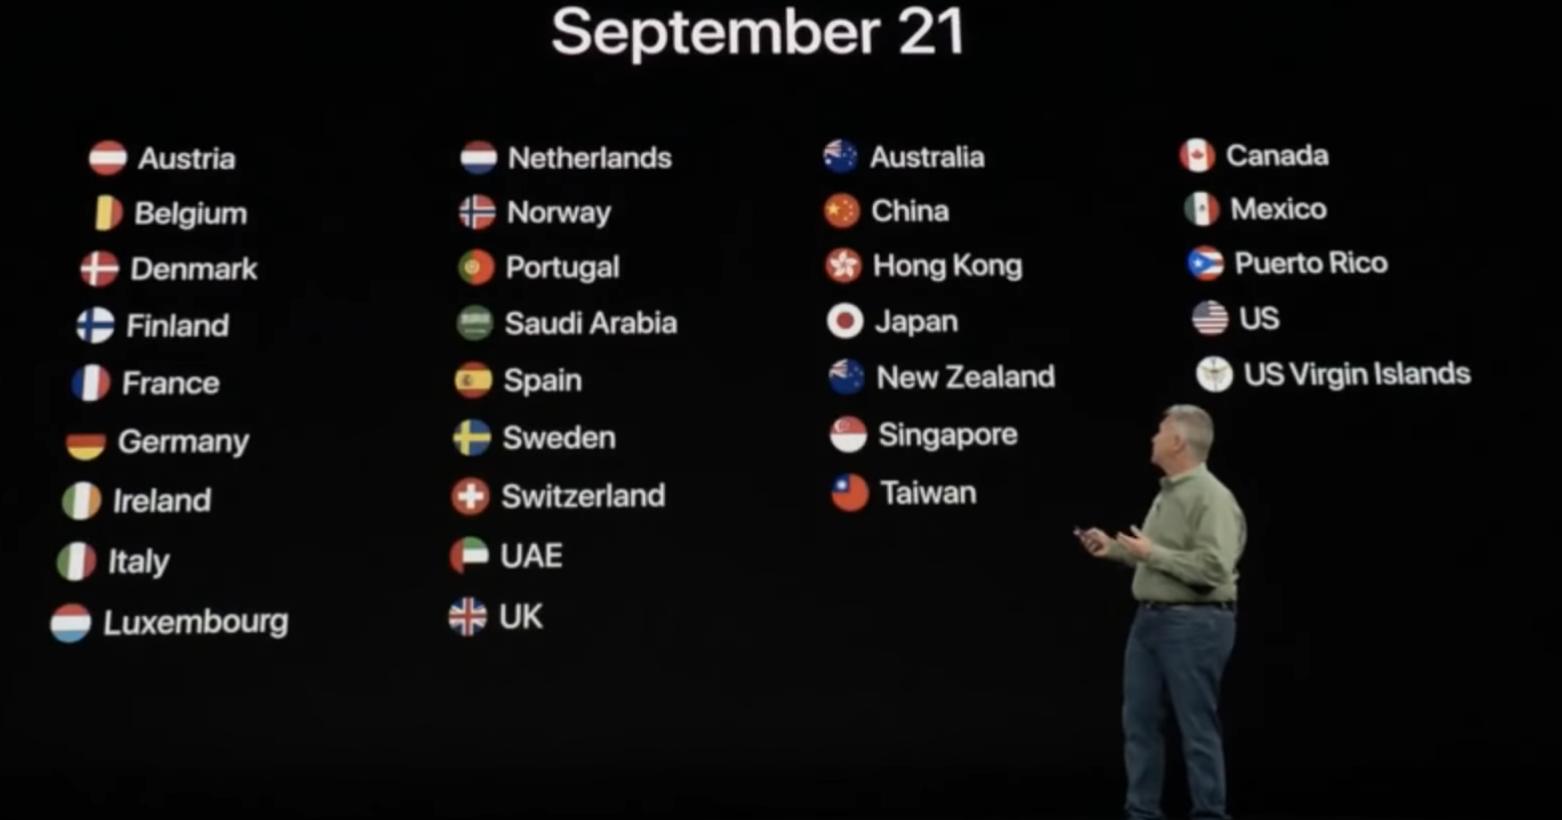 蘋果發表會秀我國國旗 環球時報:蘋果,你什麼意思?